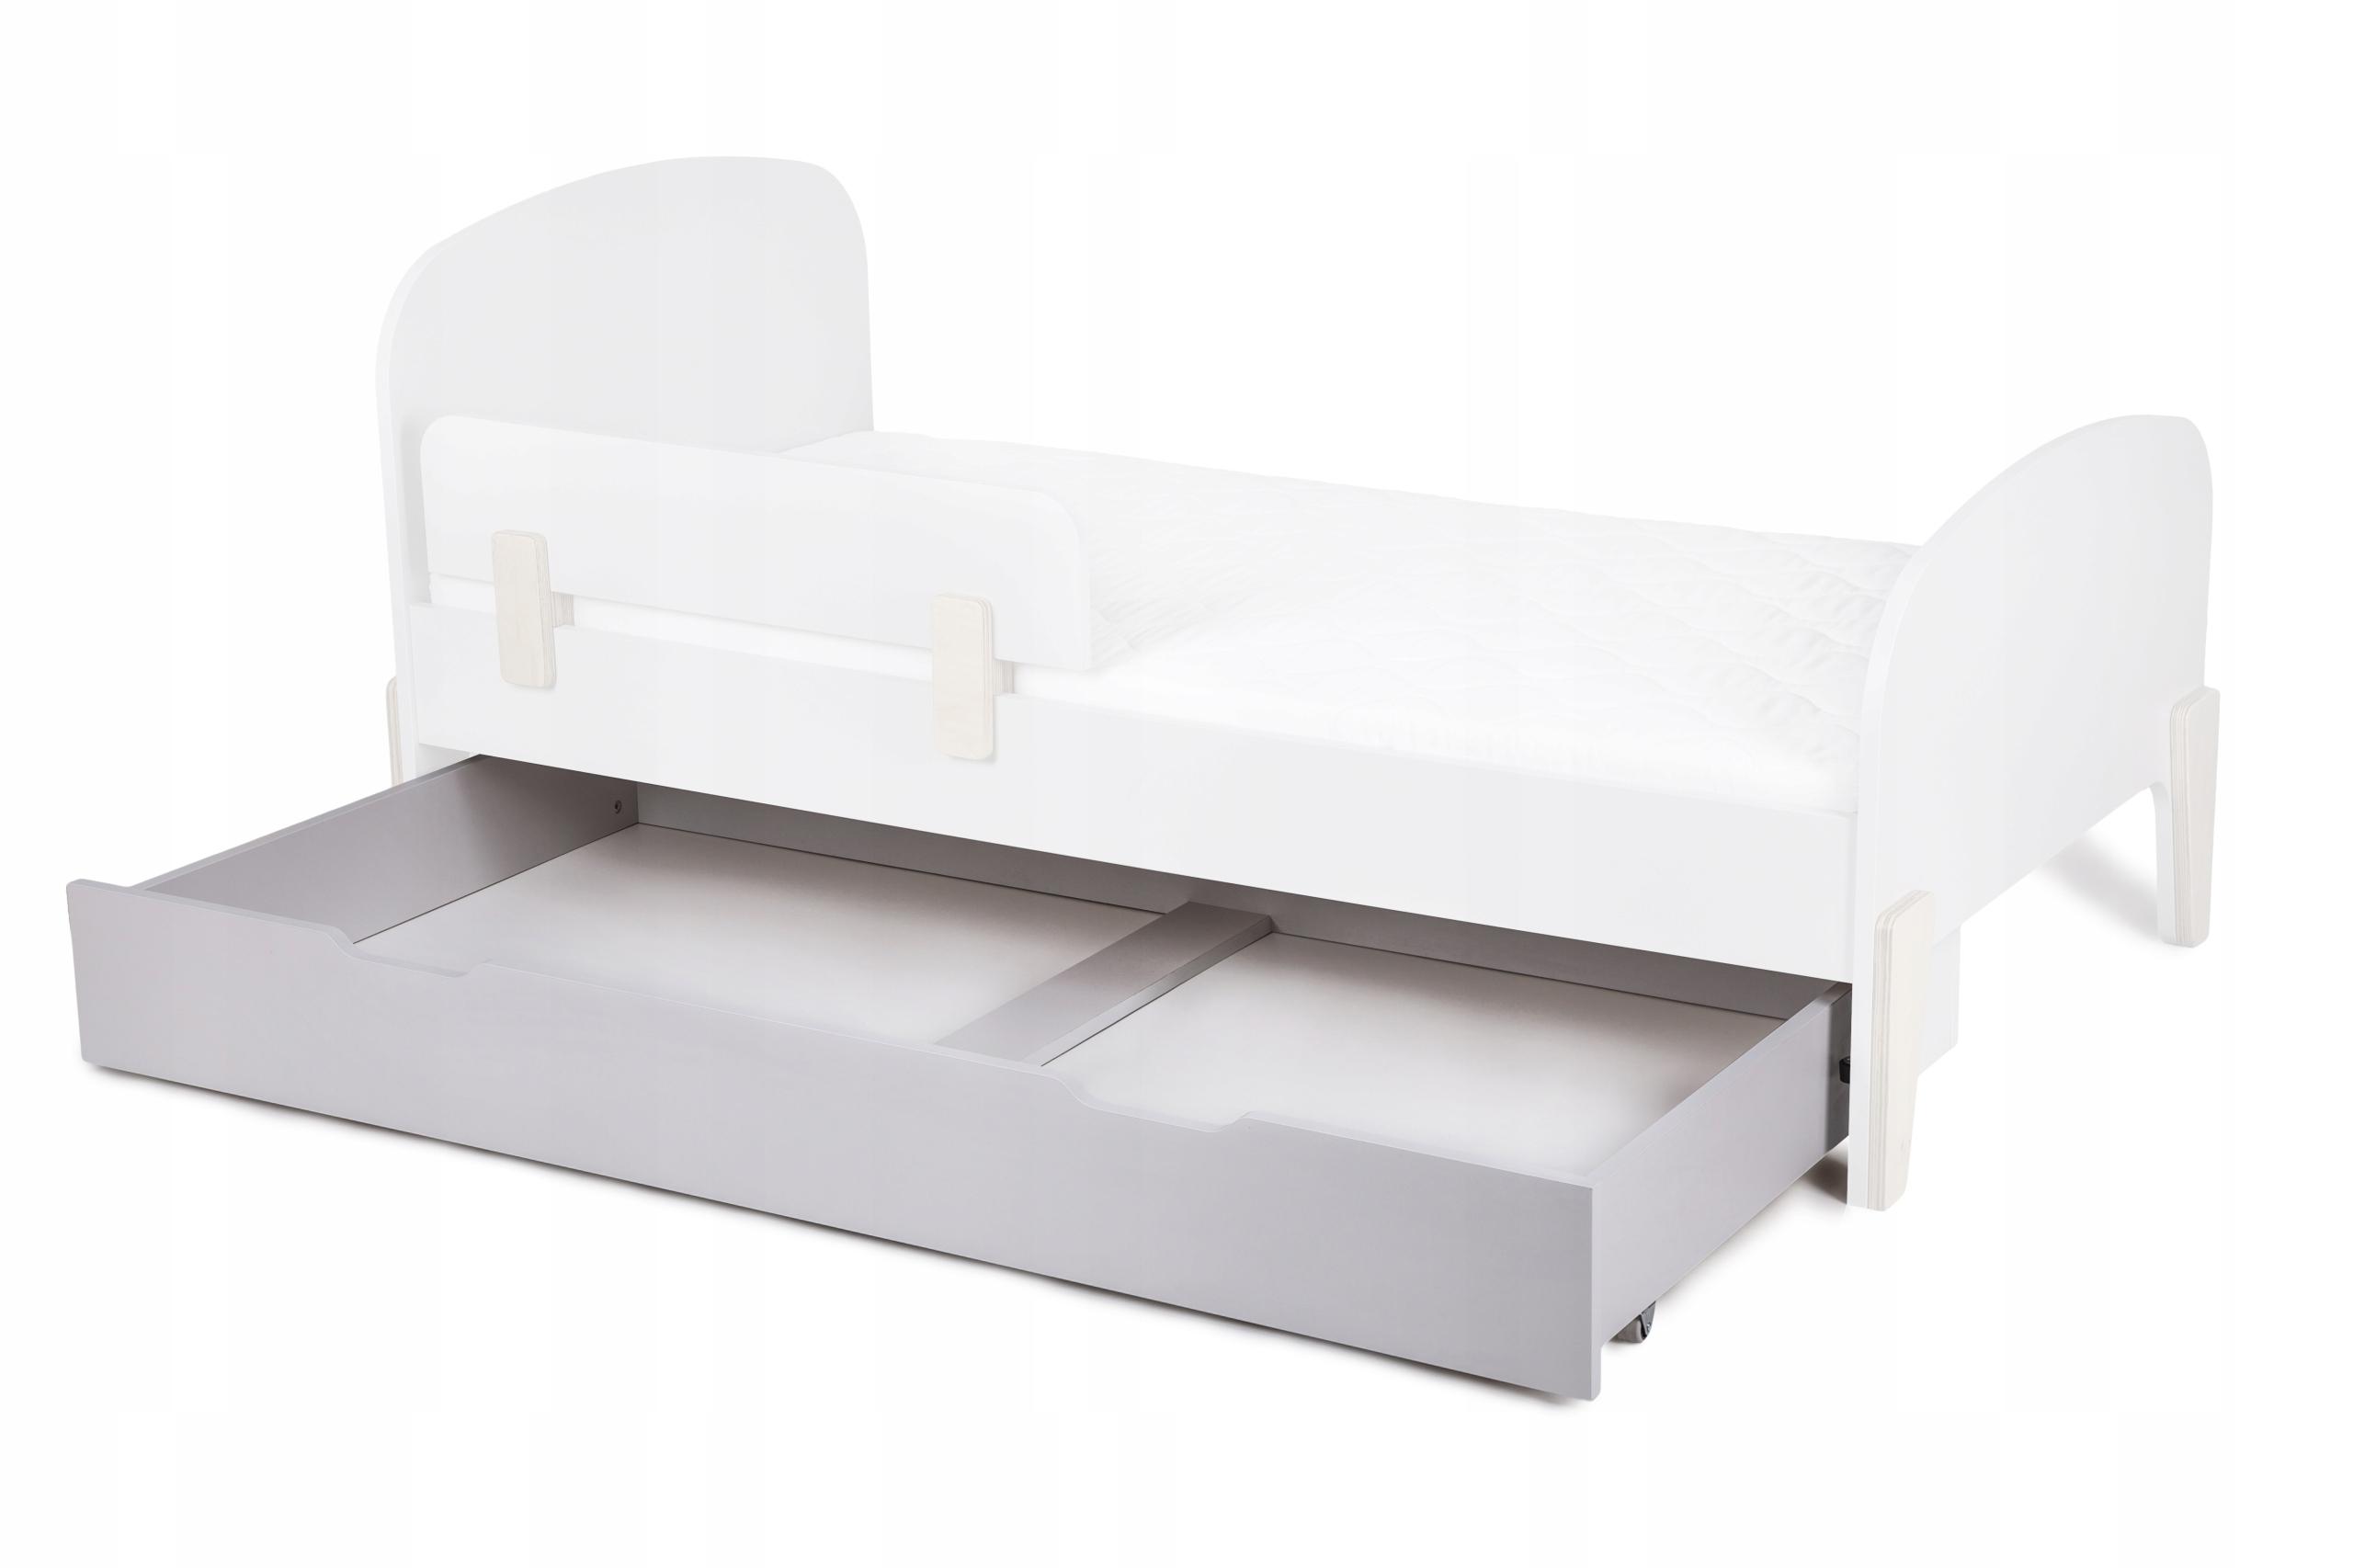 Zásuvka na kolieskach do postele RETRO, šedá, 80x160